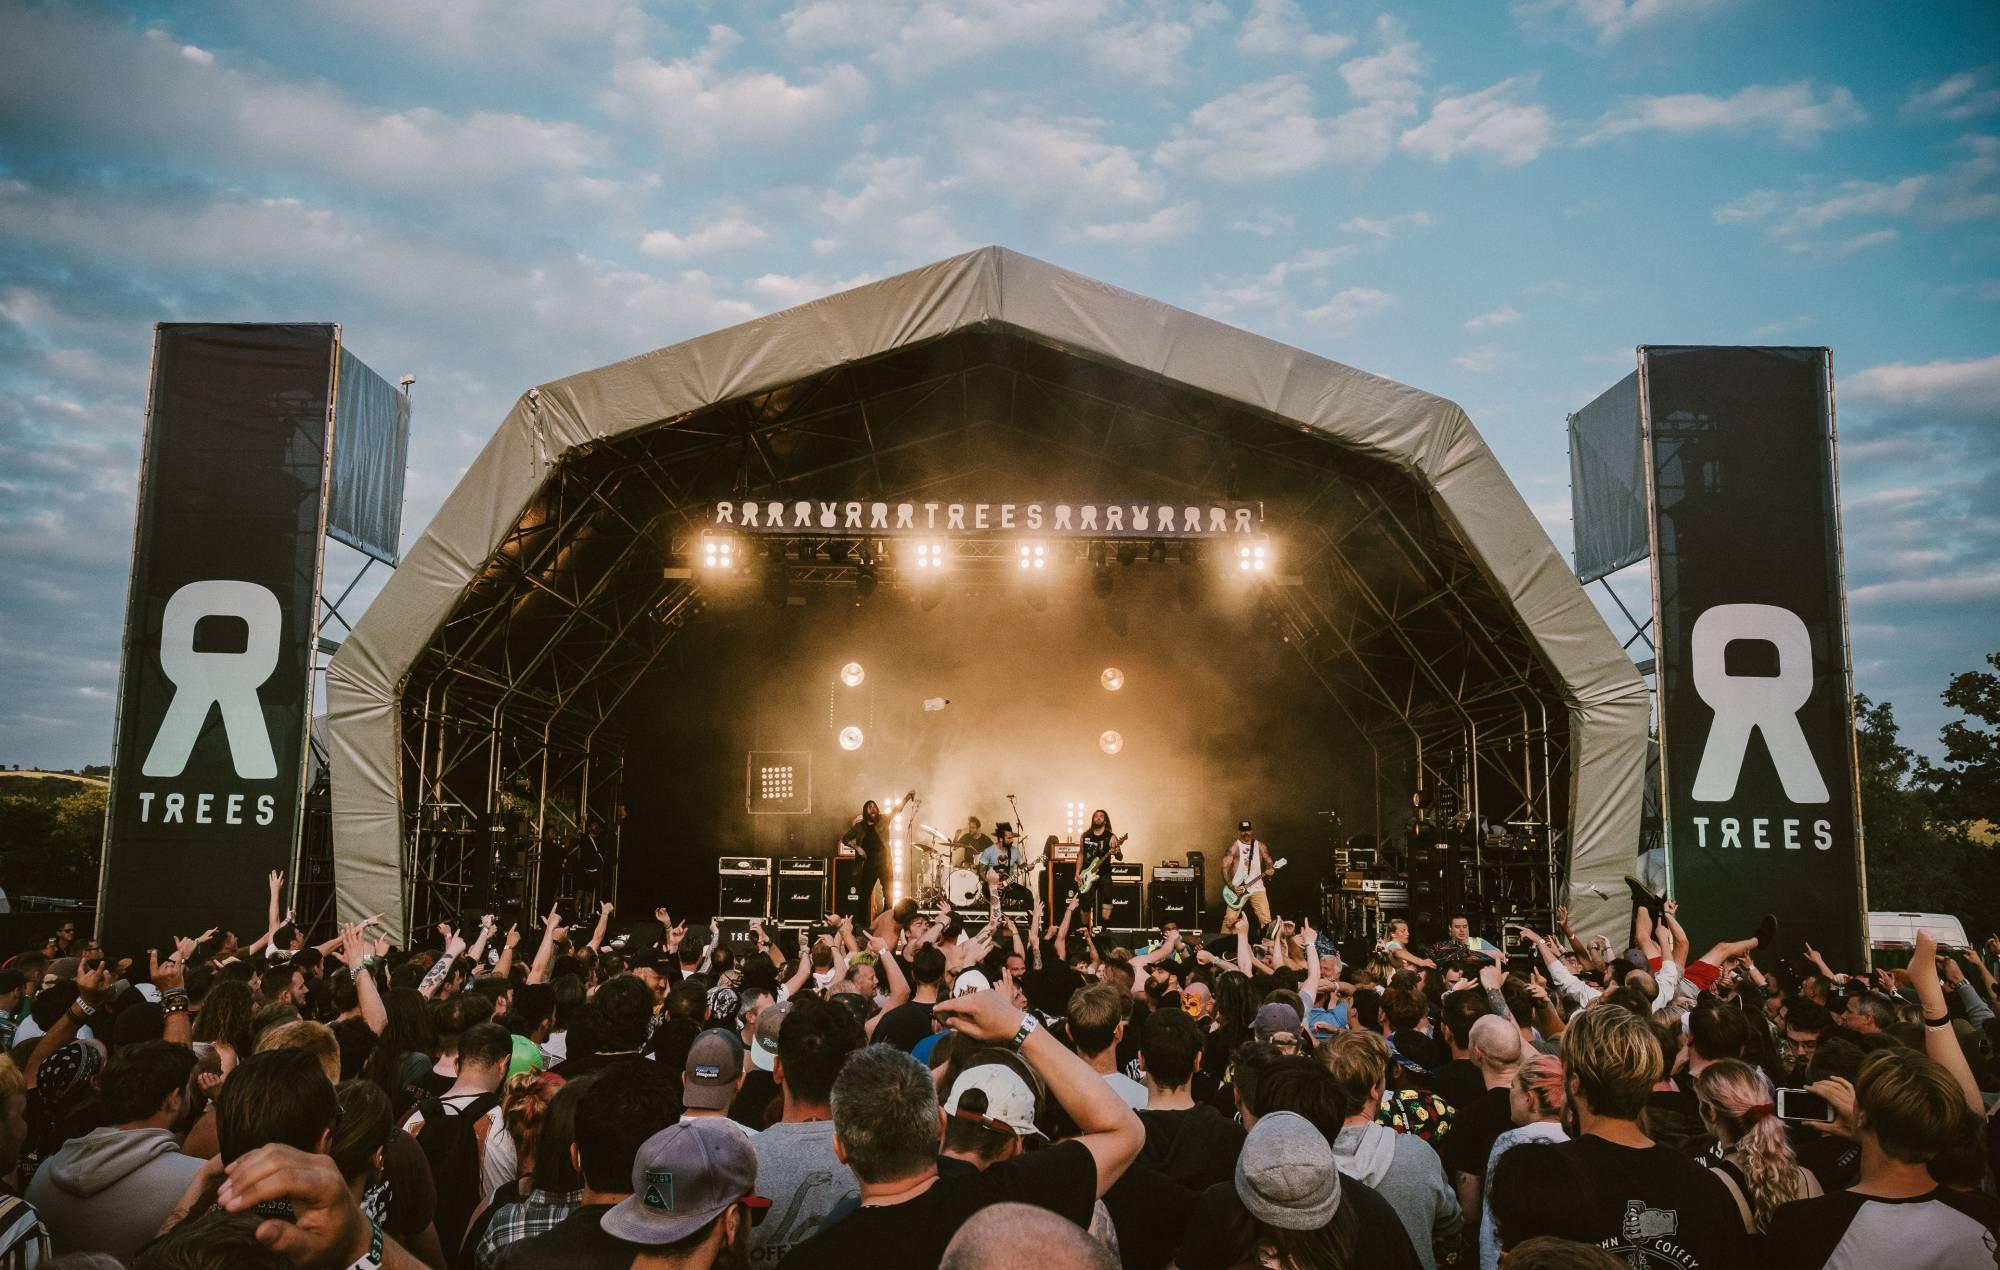 2000trees Festival